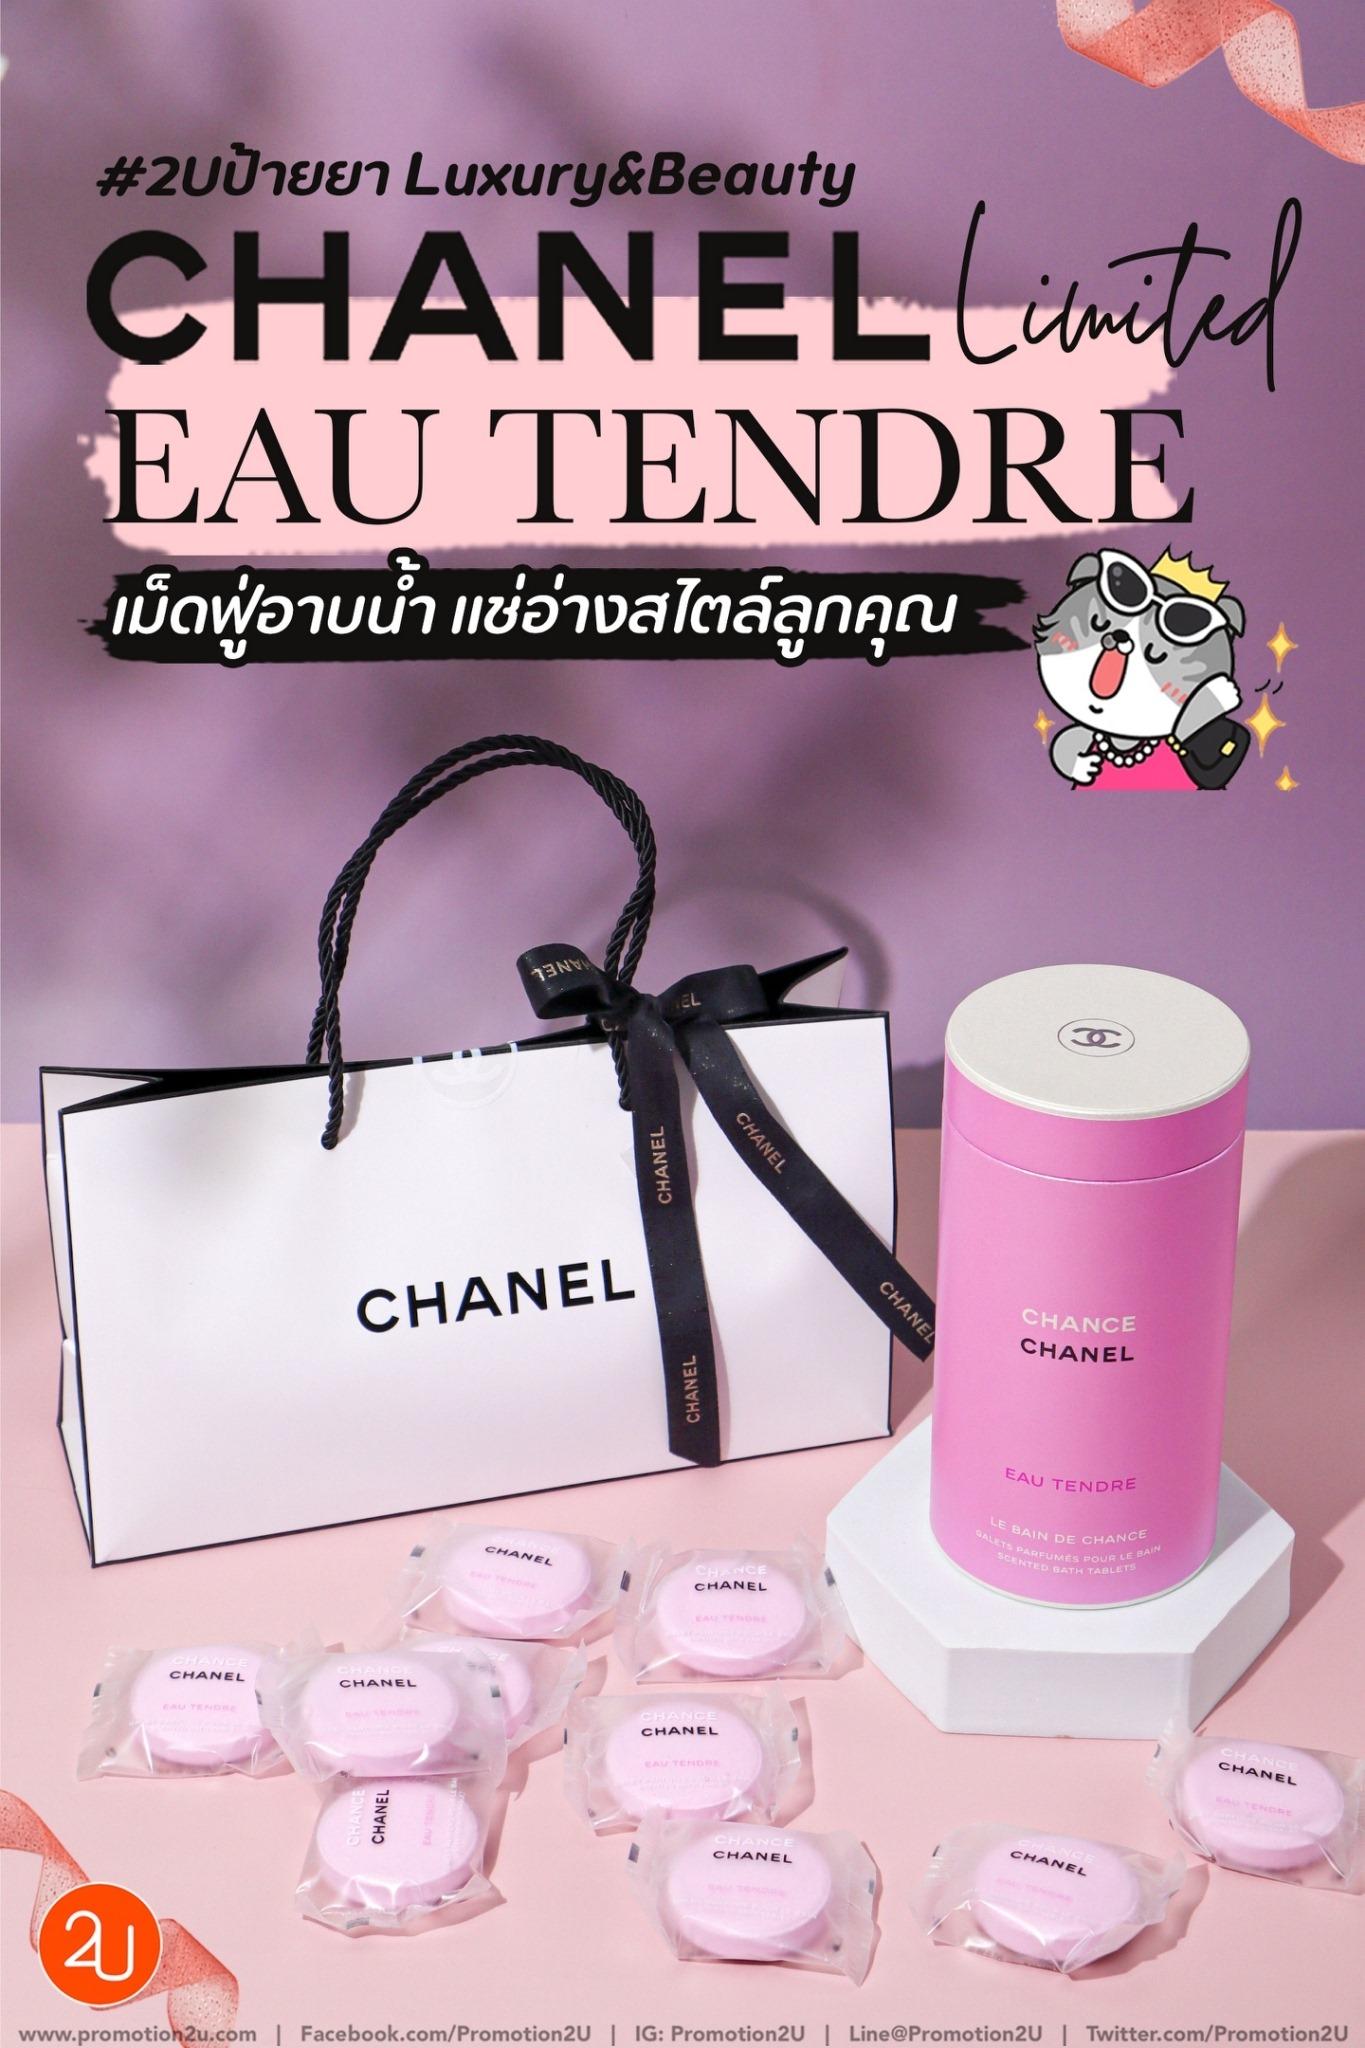 LuxuryandBeauty CHANCE EAU TENDRE เม็ดฟู่อาบน้ำ. . แช่อ่างสไตล์ลูกคุณ Limited Edition จาก Chanel!